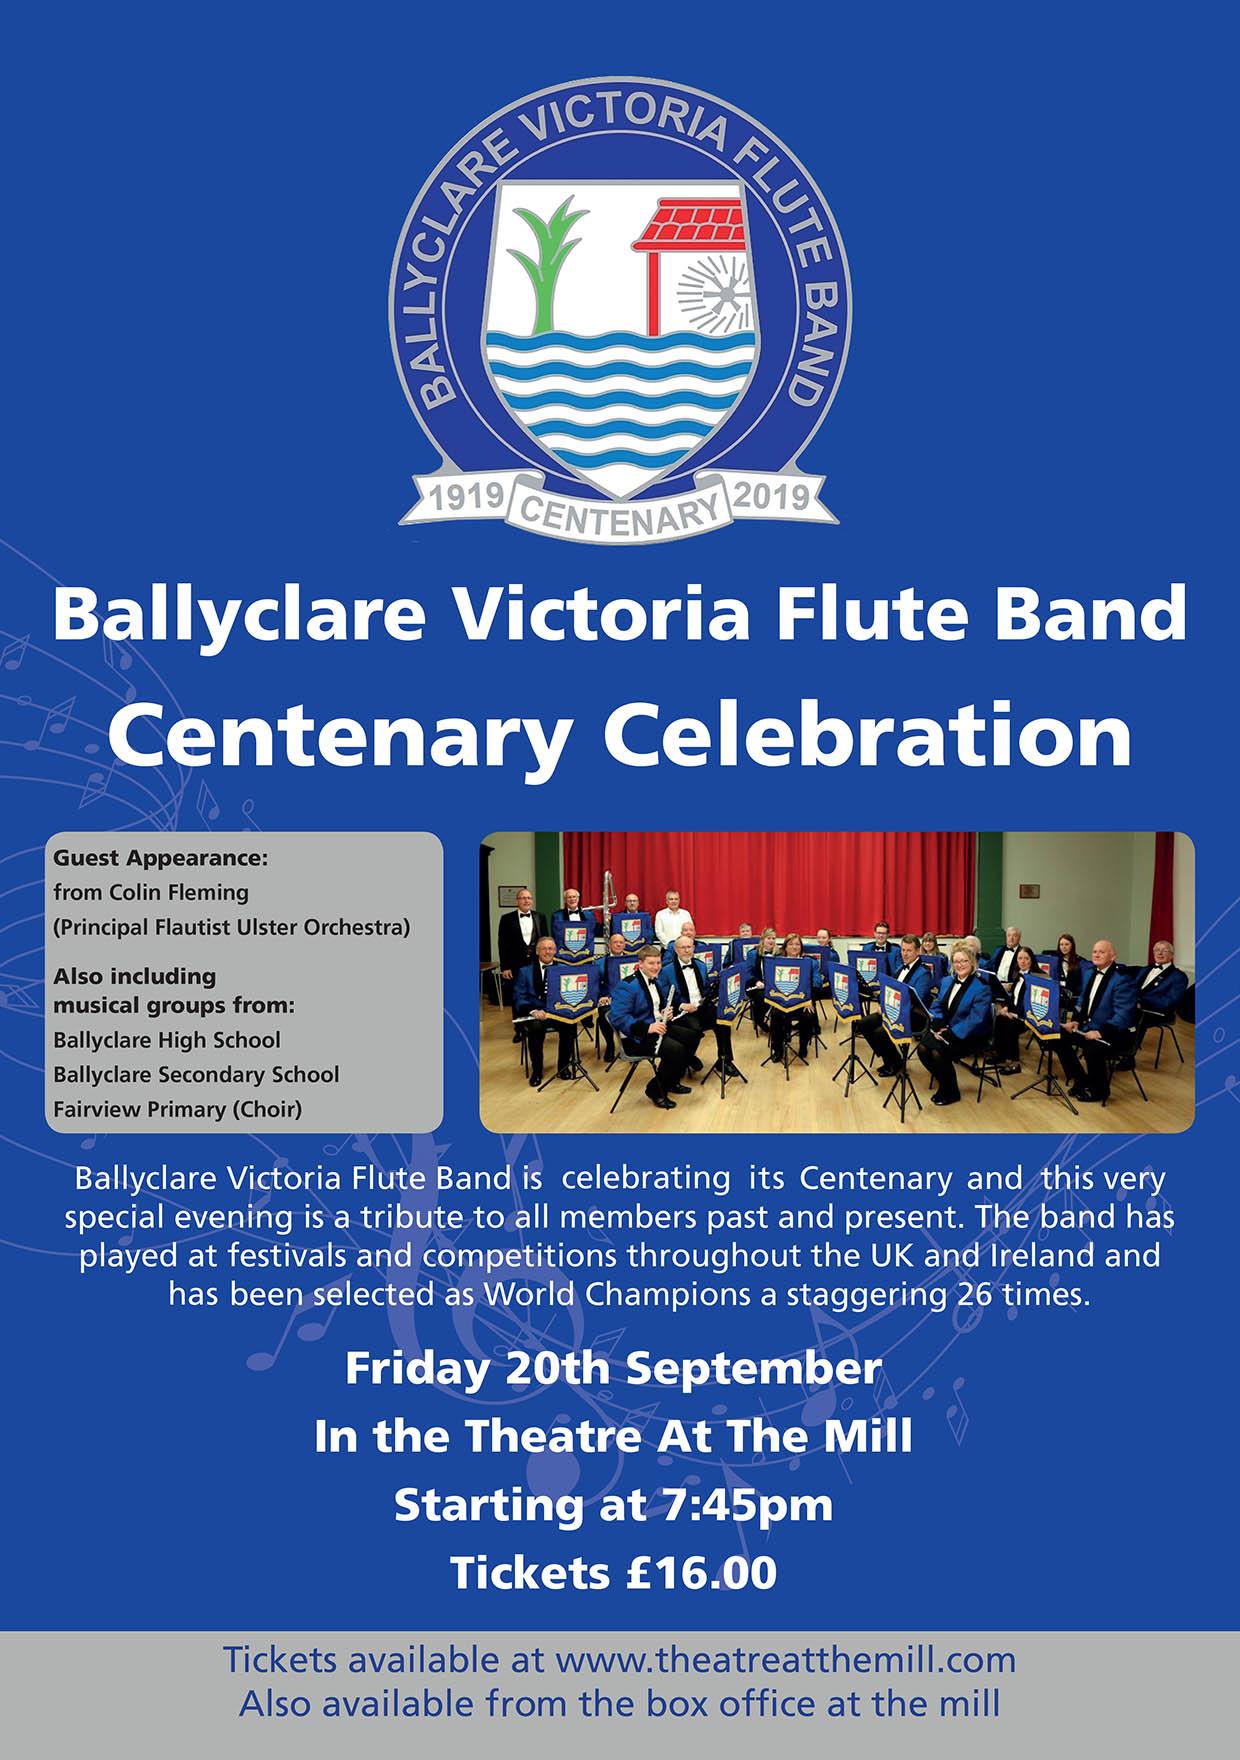 Ballyclare Victoria Flute BandV2.jpg